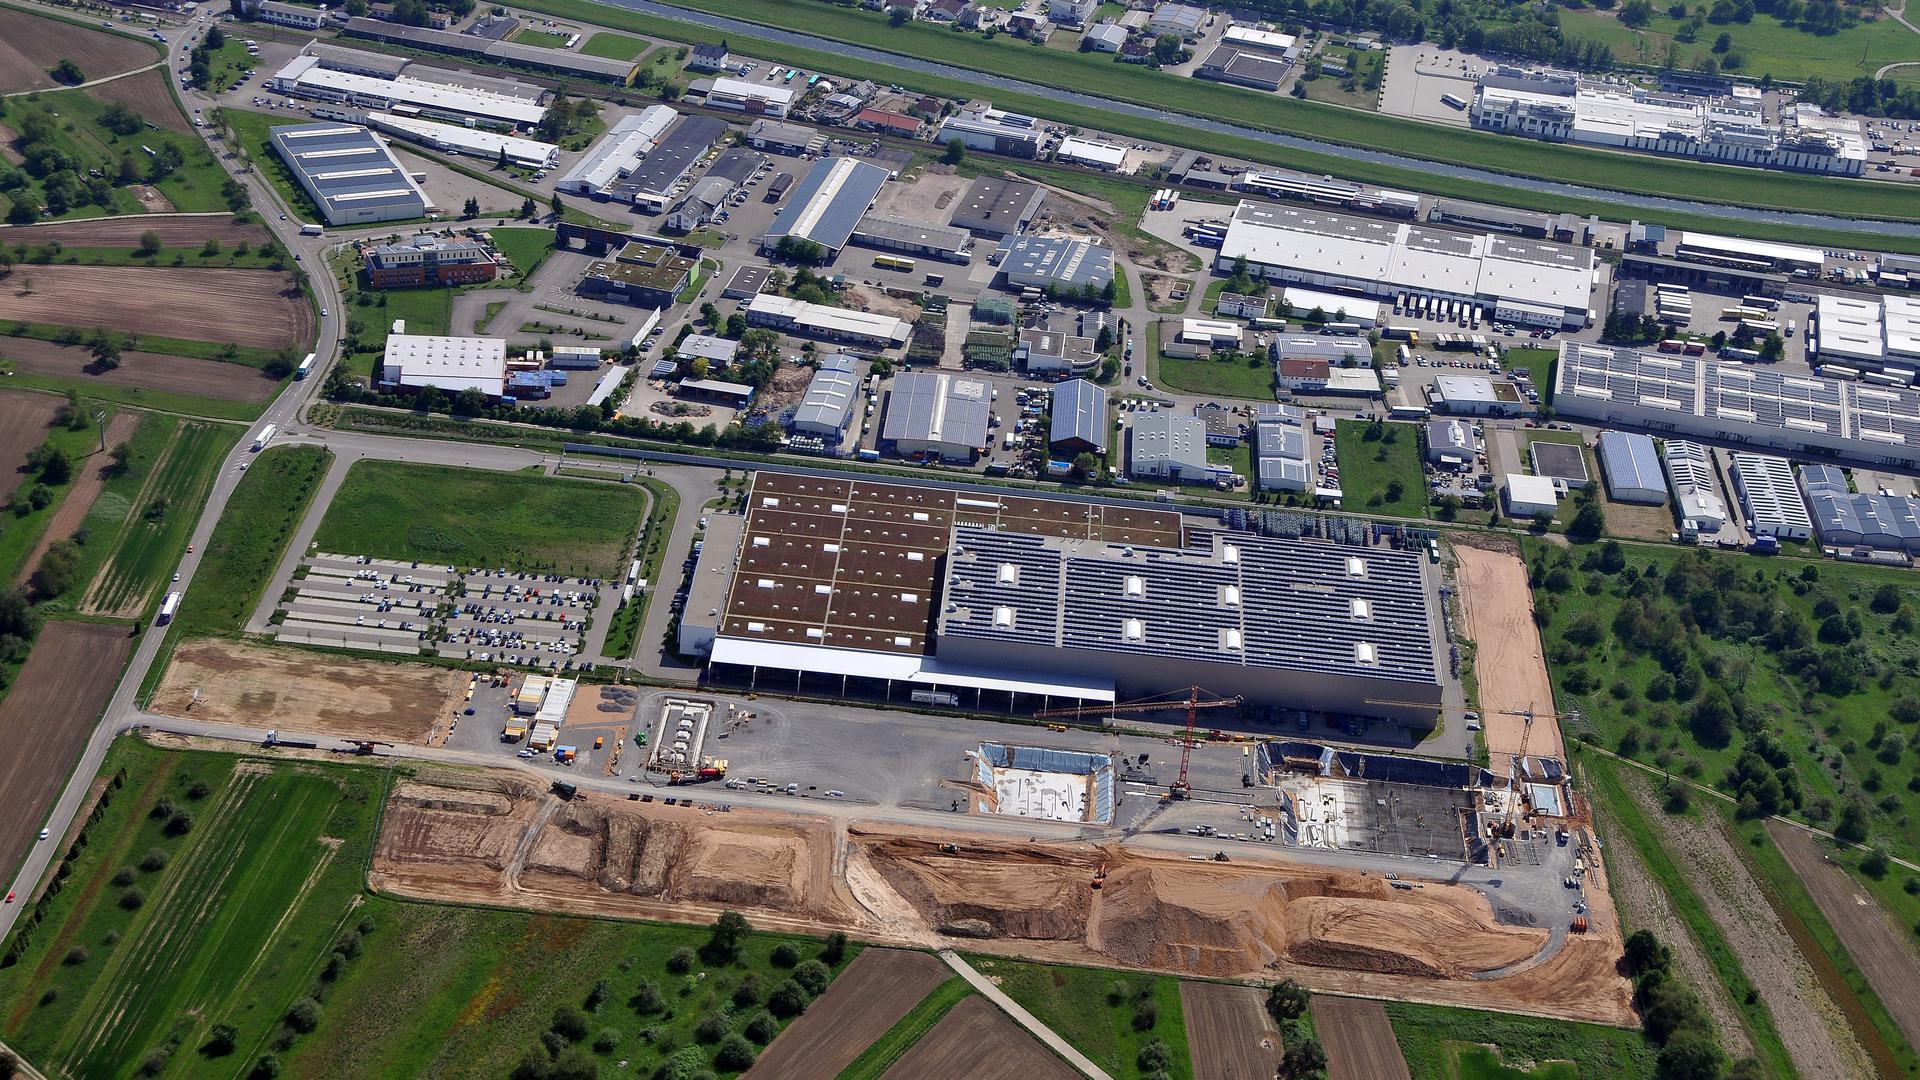 In den Ausbau von Kuppenheim investiert Mercedes-Benz 170 Millionen Euro und schafft 200 zusätzliche Arbeitsplätze am Standort   Kuppenheim press shop: Mercedes-Benz invests 170 million euros and creates 200 additional jobs